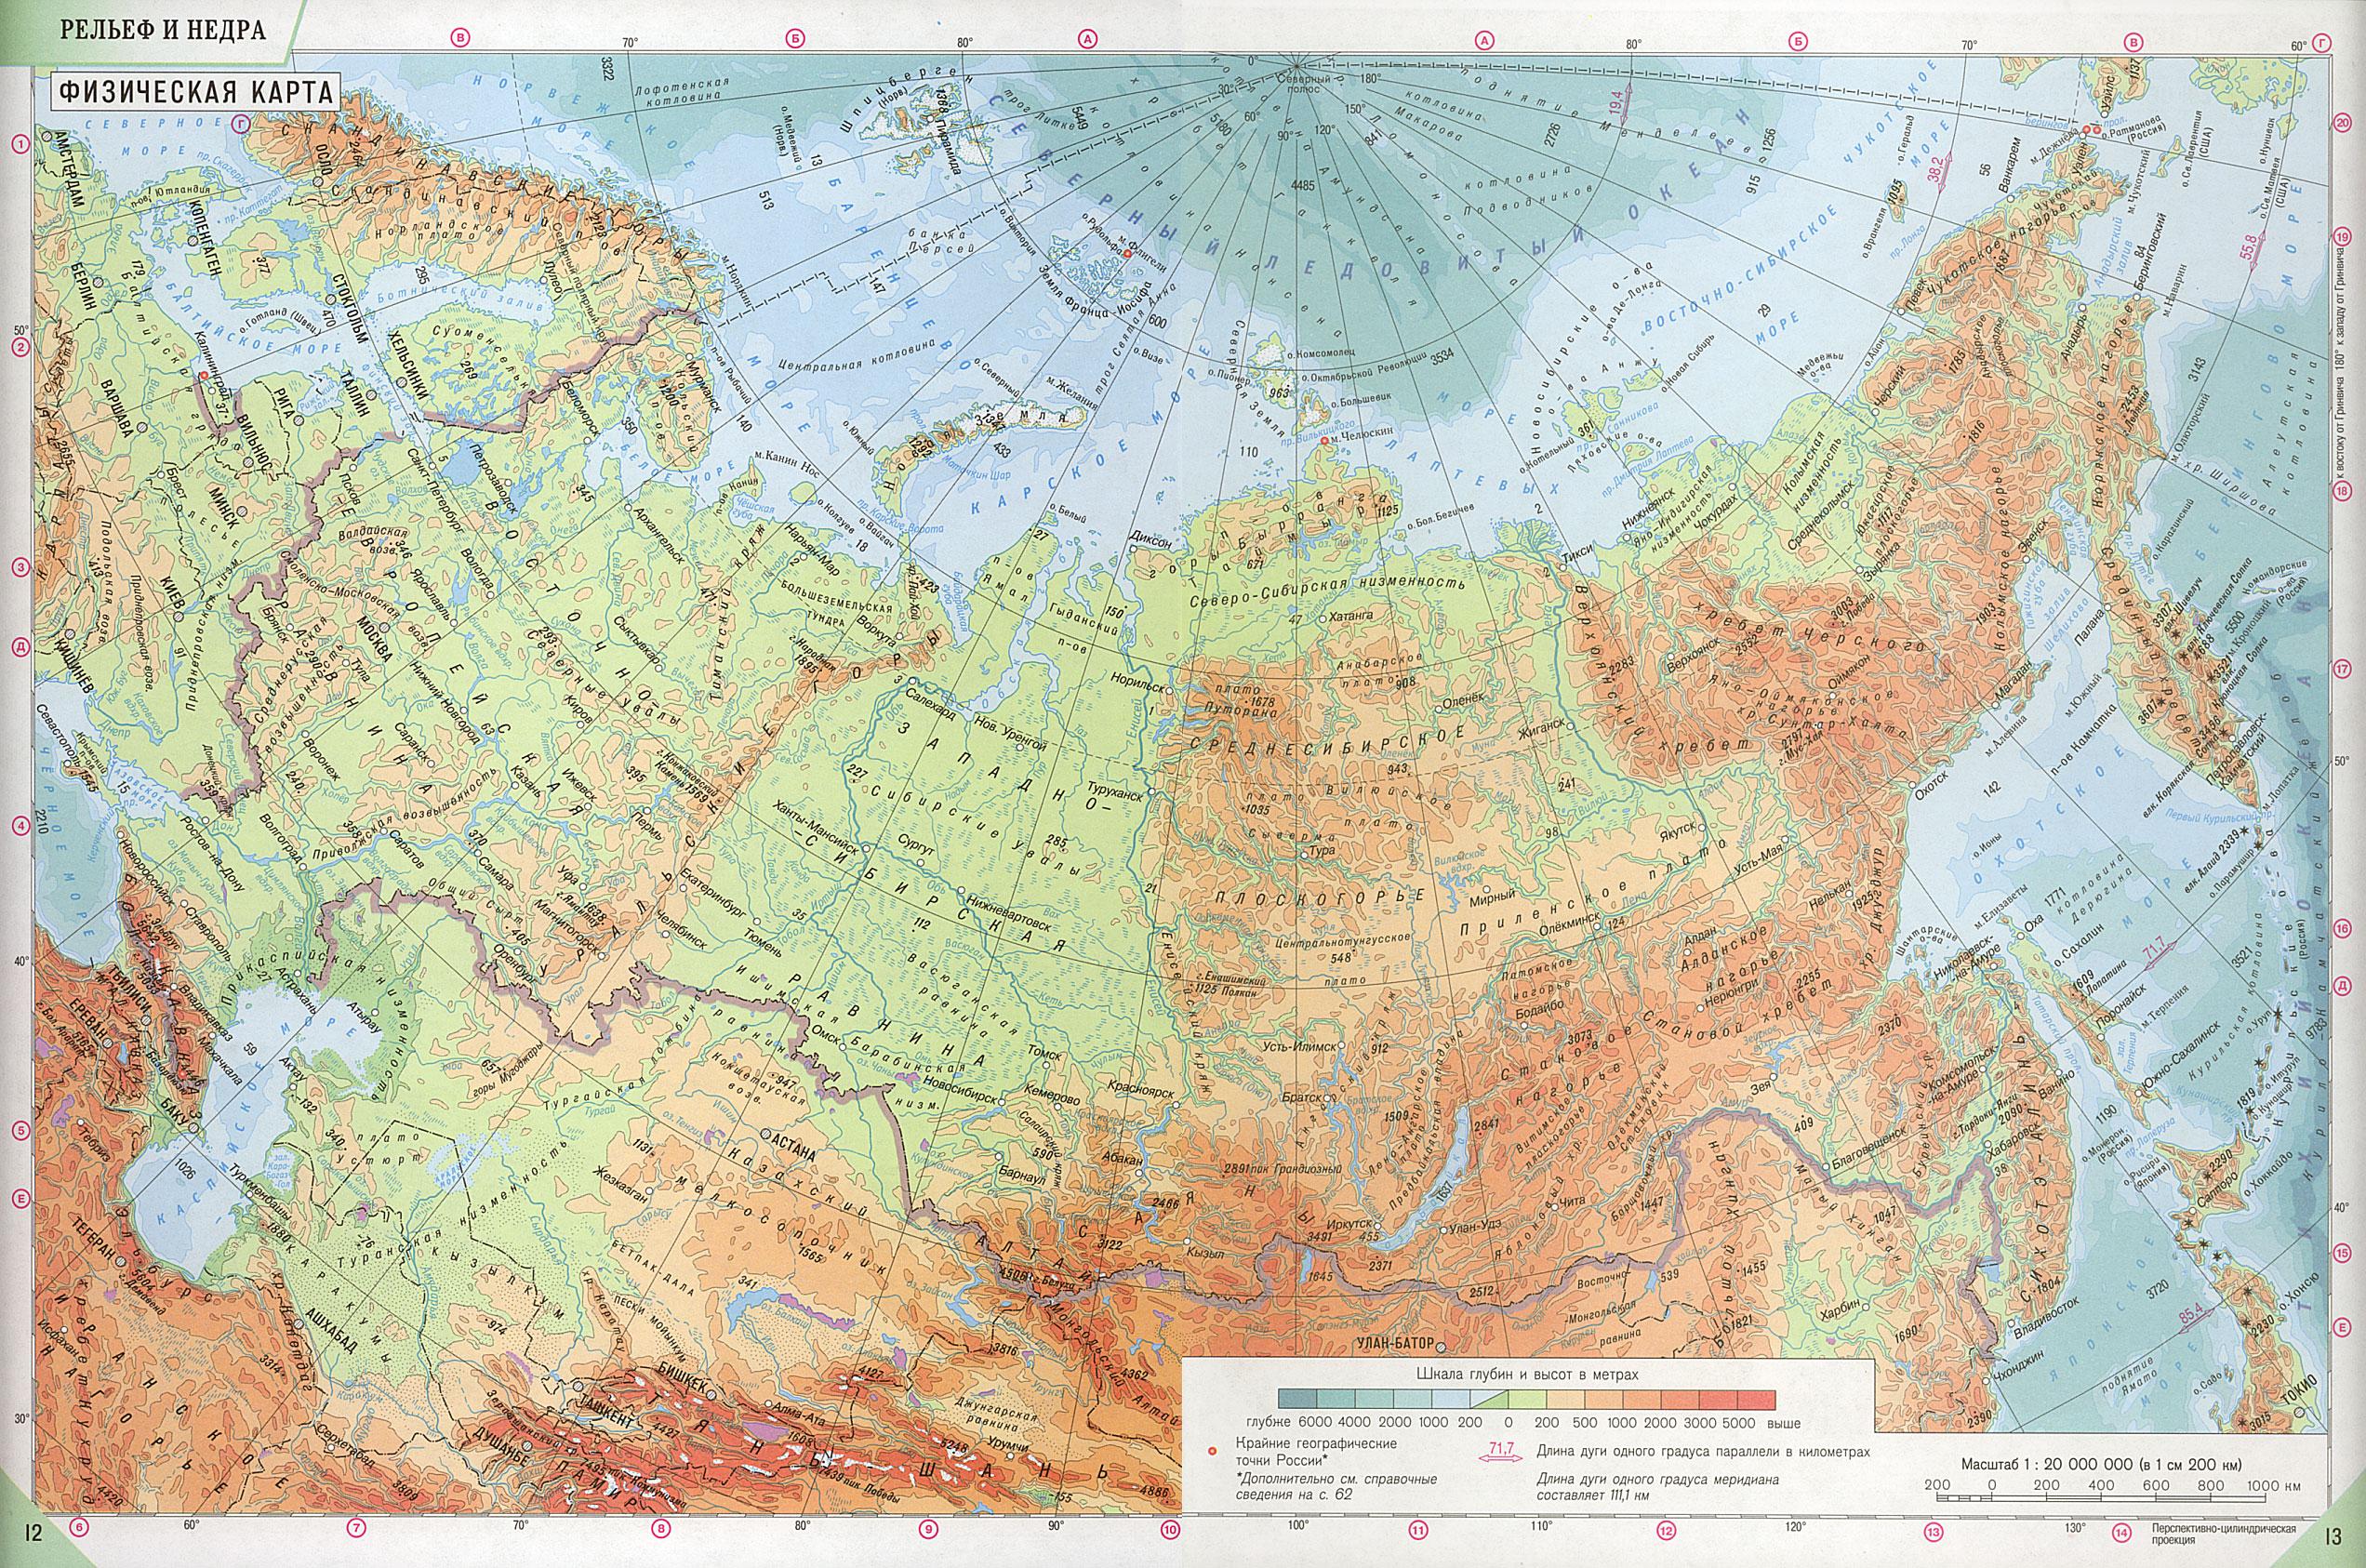 Хребты и равнины карта очень ясная и